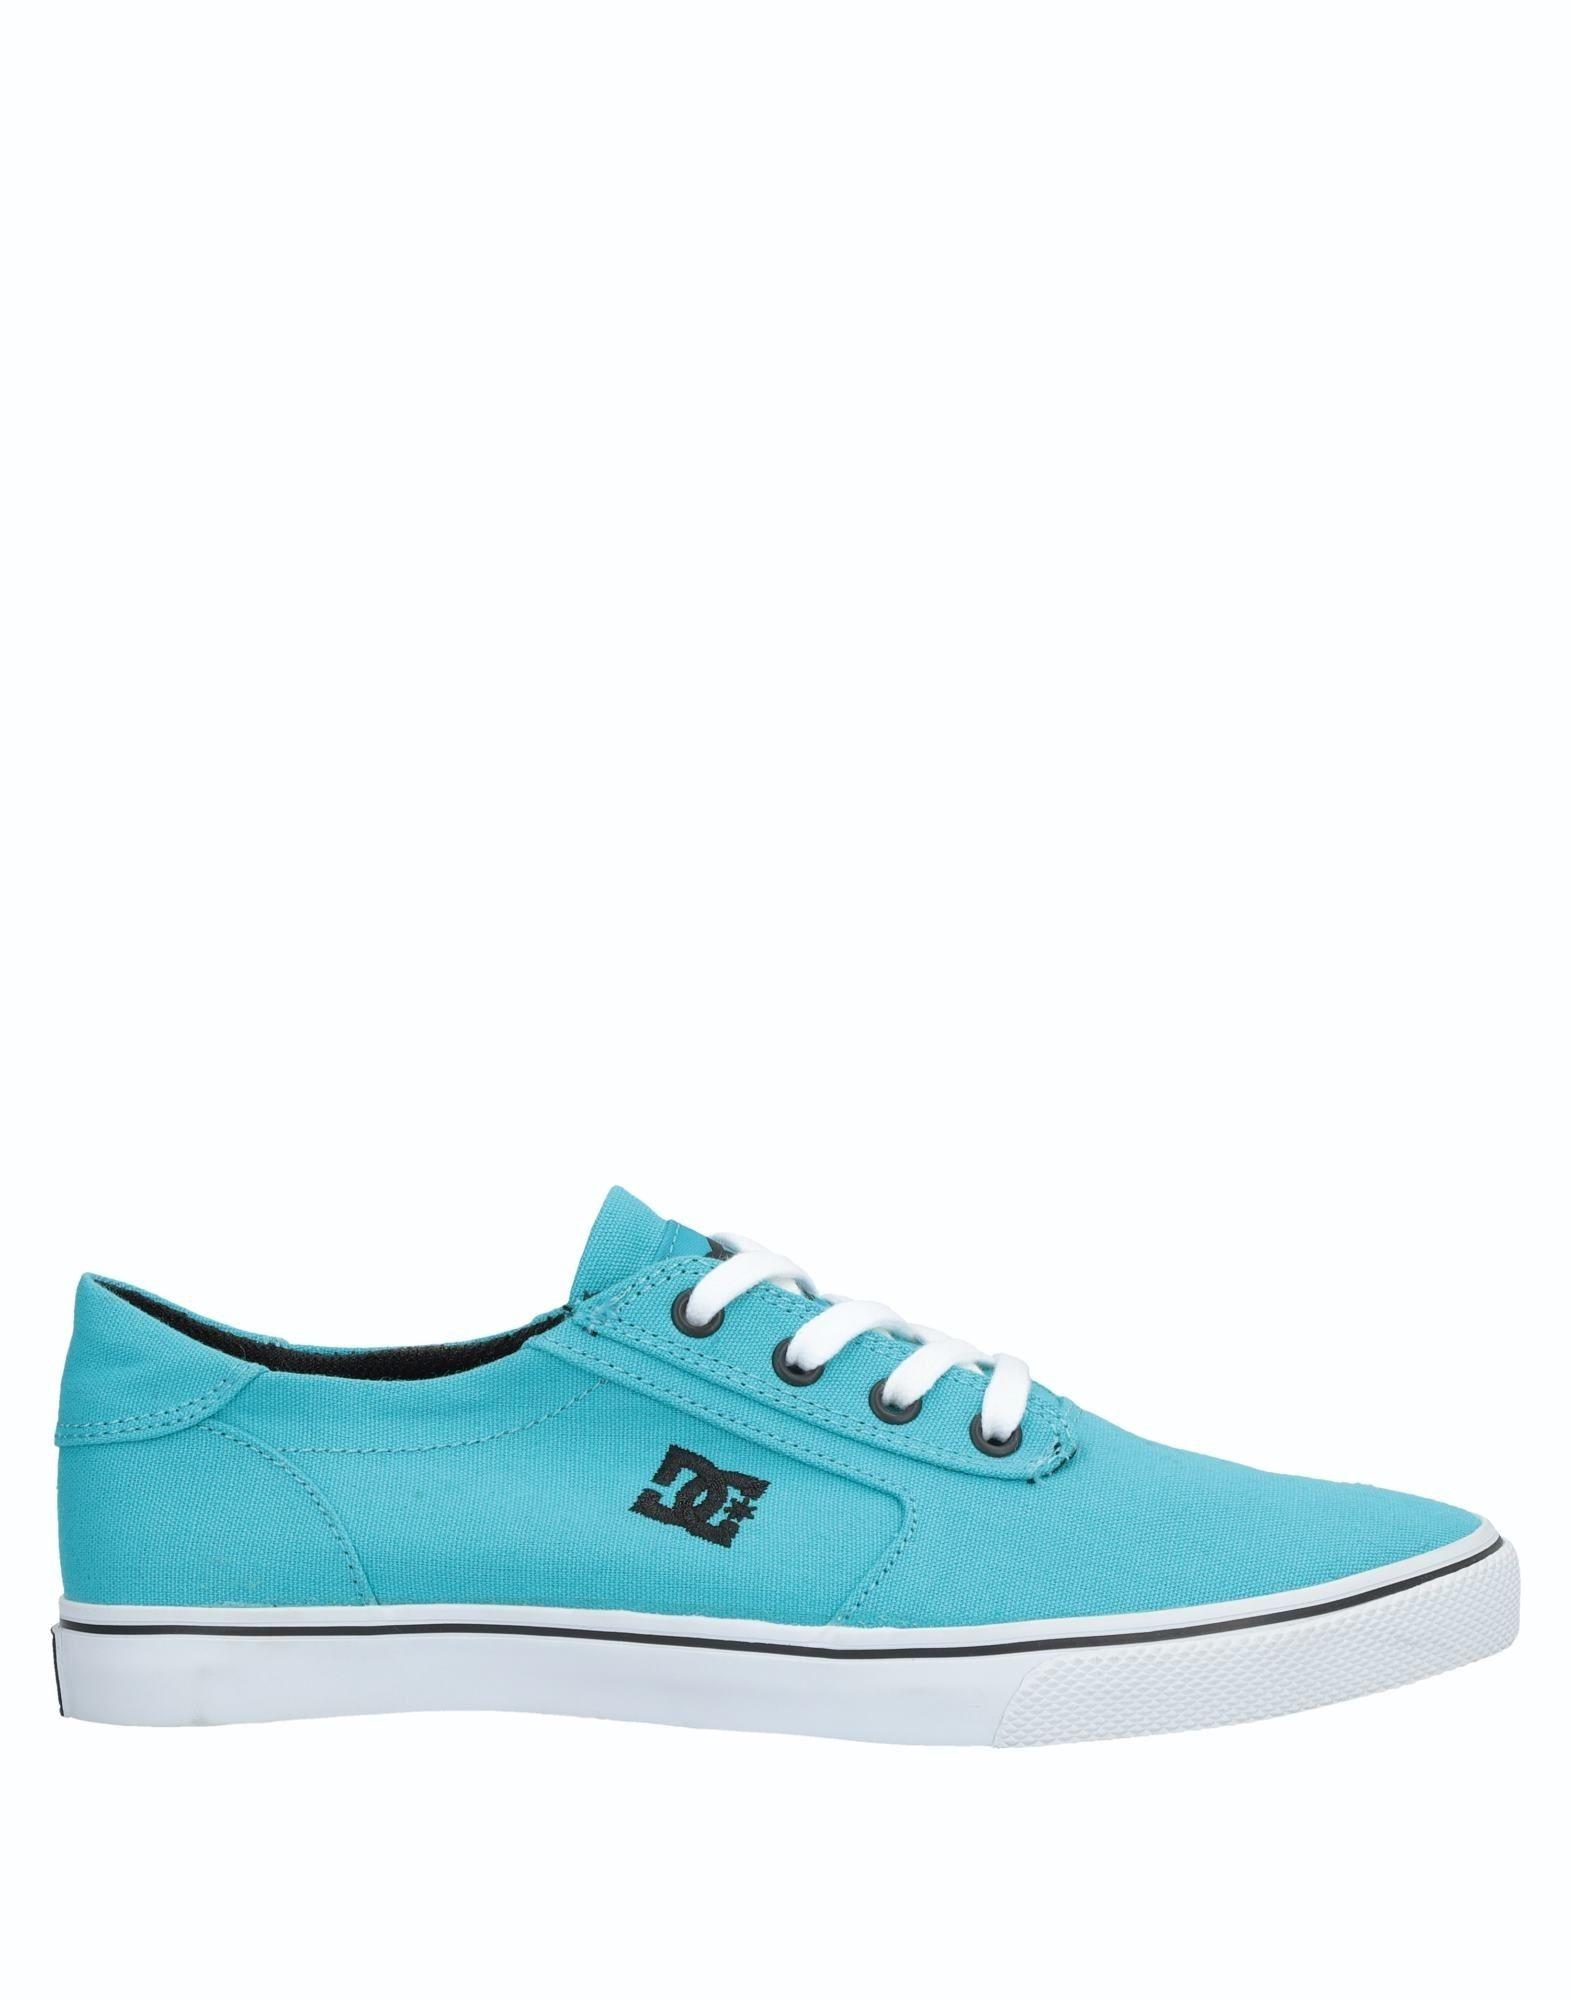 DC SHOECOUSA Низкие кеды и кроссовки кеды кроссовки низкие женские dc tonik w se dark blue